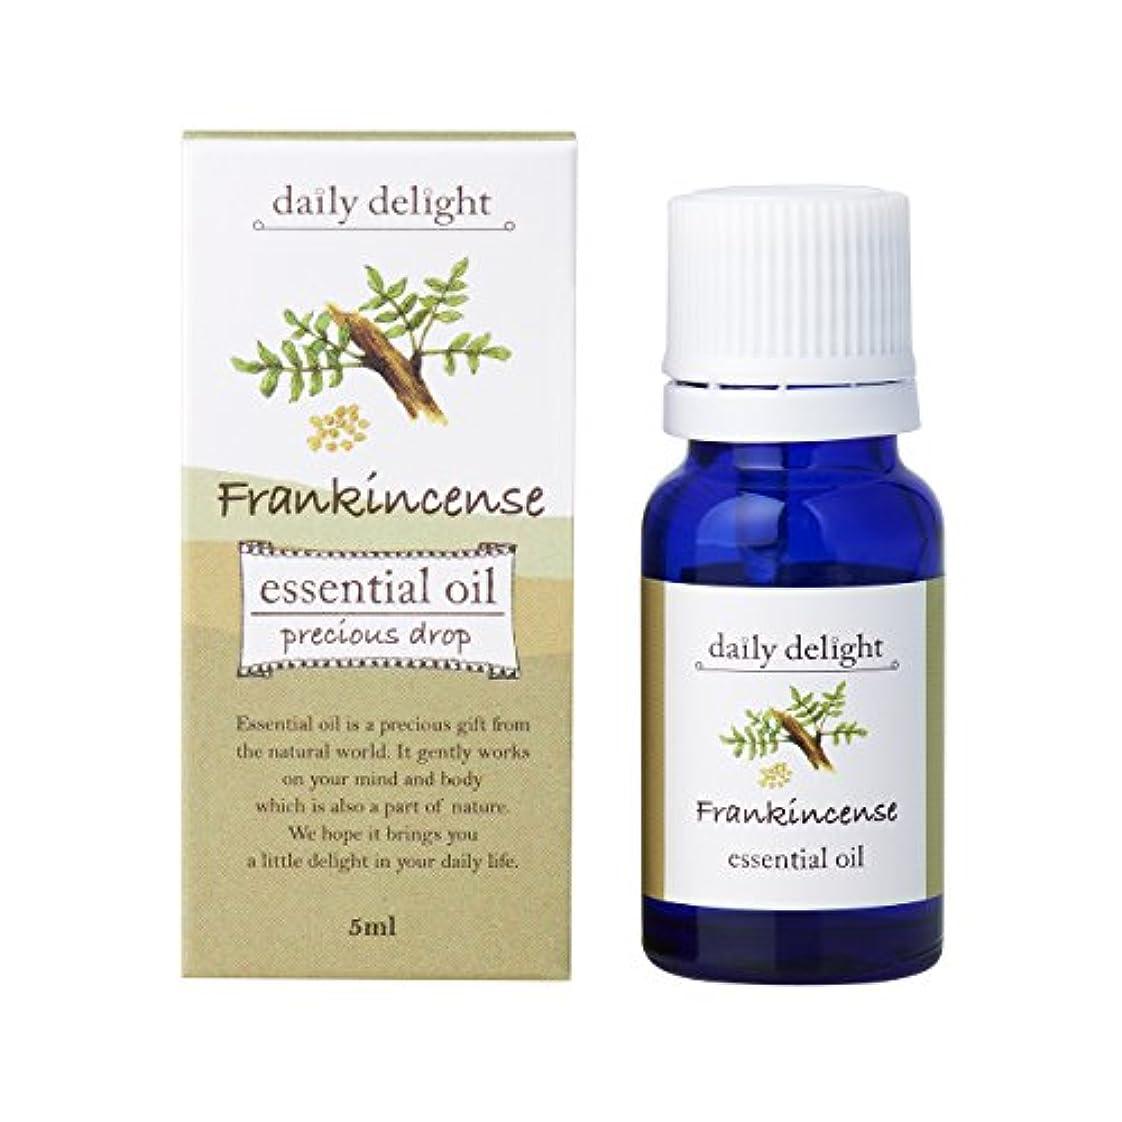 やさしく本物のまでデイリーディライト エッセンシャルオイル フランキンセンス 5ml(天然100% 精油 アロマ 樹脂系 樹脂から採れるさわやかな木の香り)